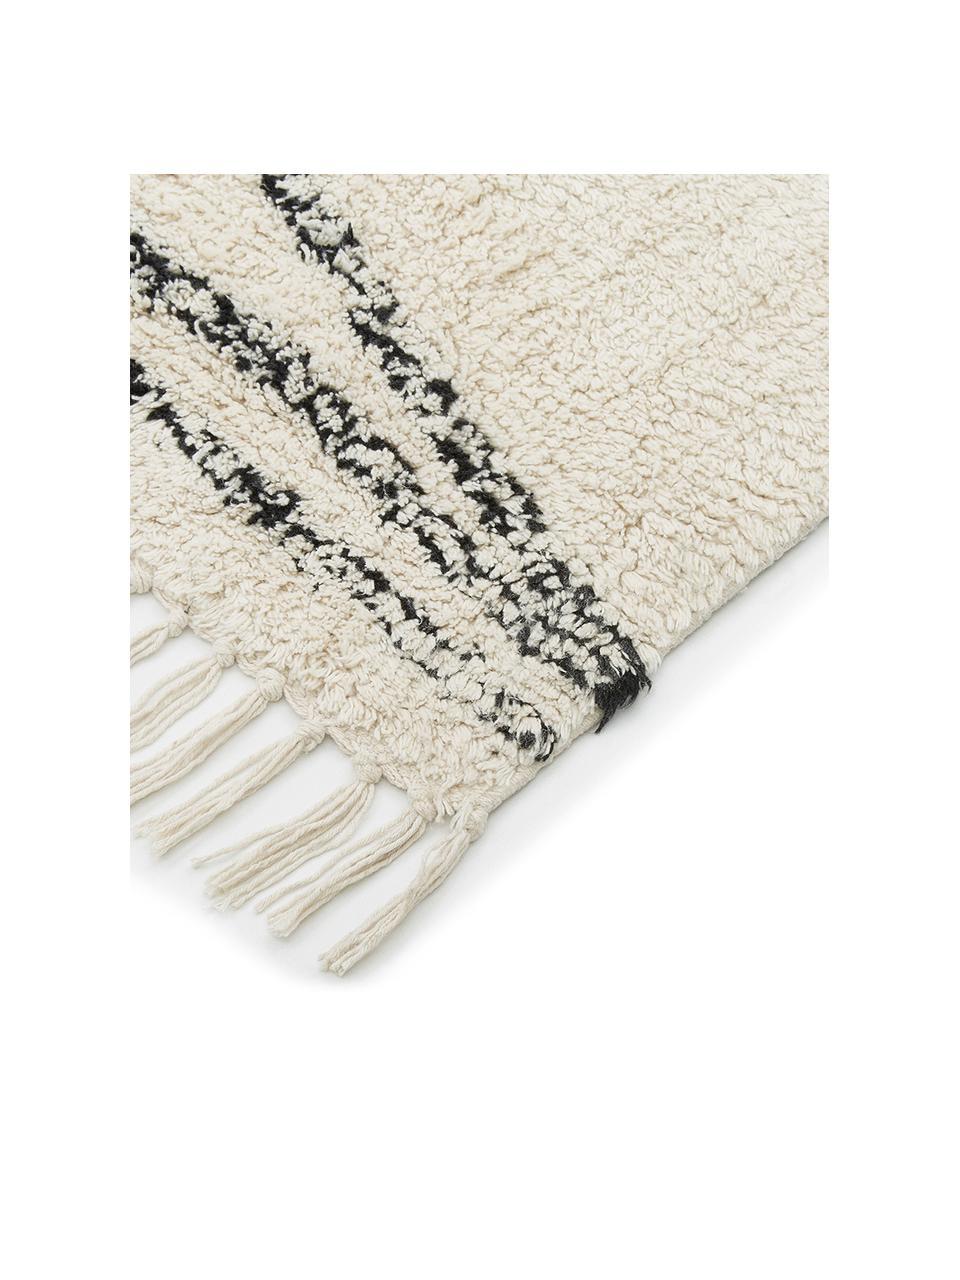 Handgetufteter Baumwollteppich Asisa mit Zickzack-Muster, 100% Baumwolle, Beige, Schwarz, B 200 x L 300 cm (Größe L)